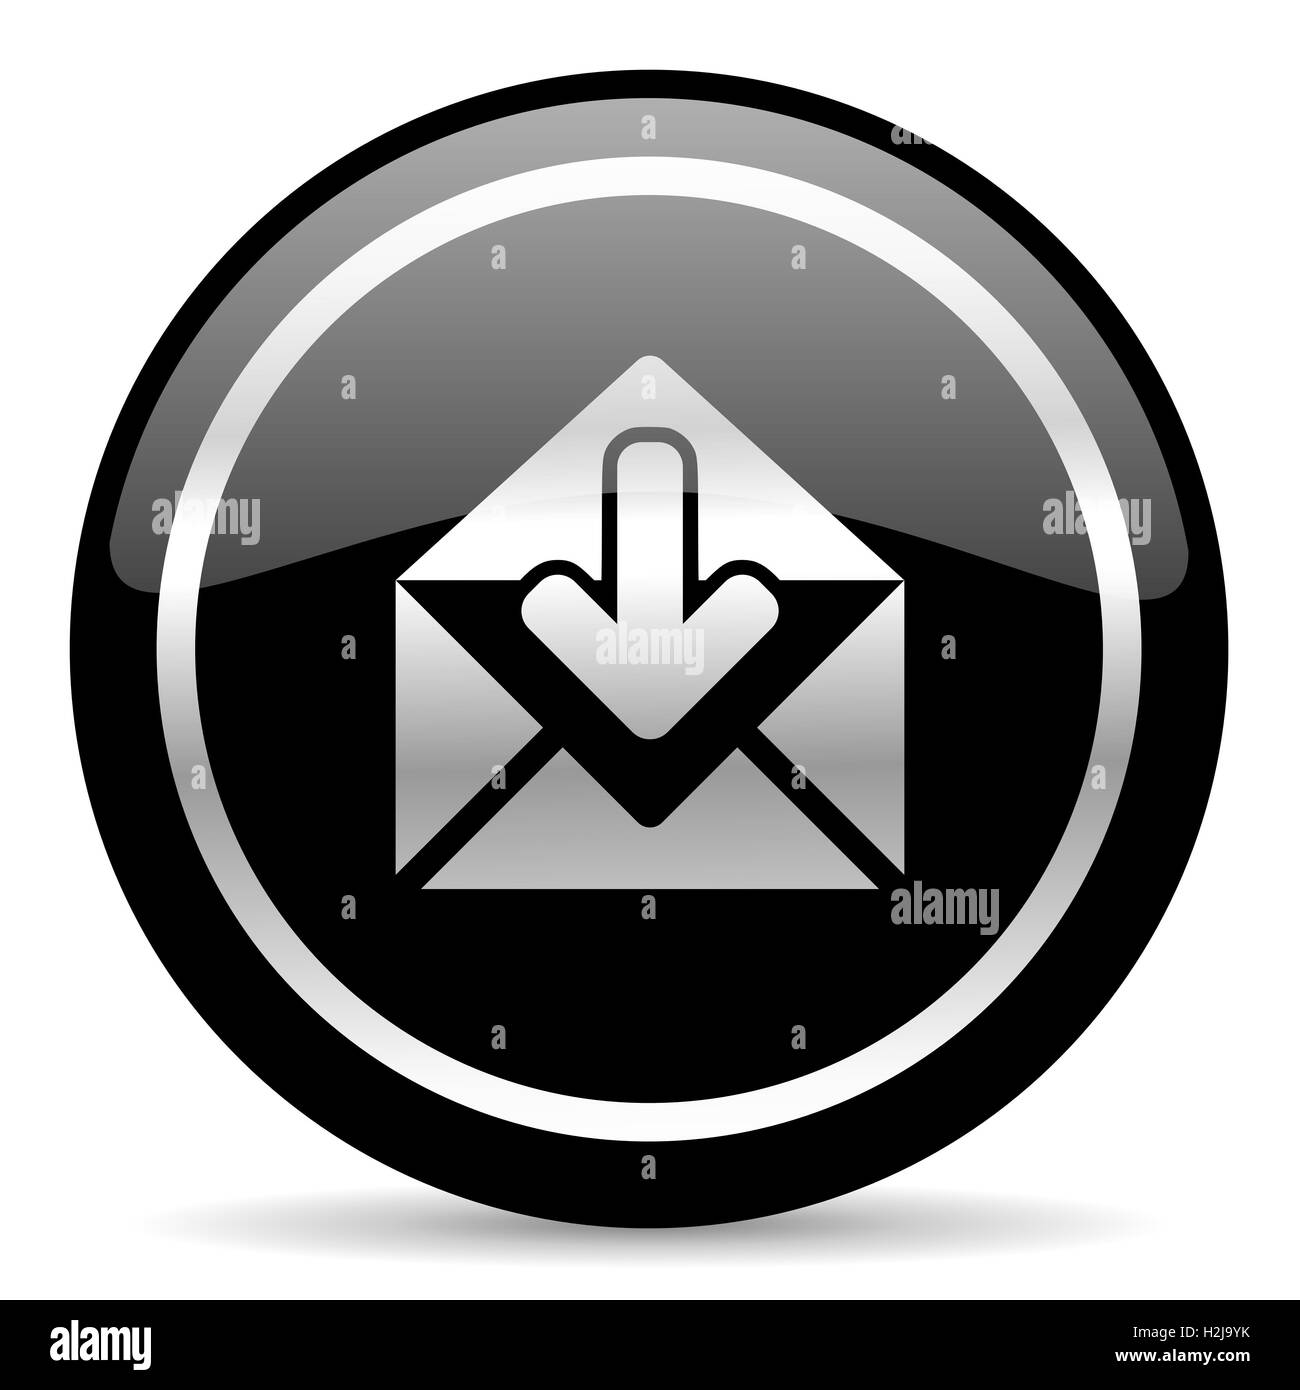 icona della posta Immagini Stock